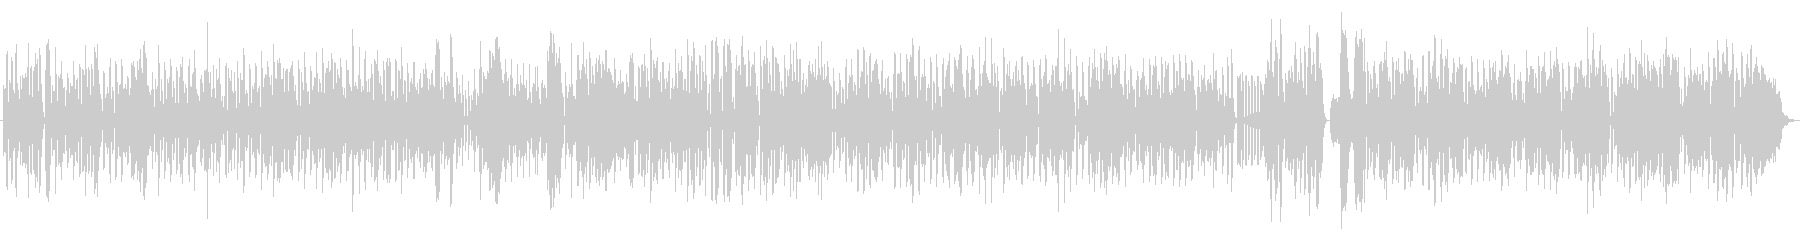 フランスのマヌーシュ・ジャズのイメージの未再生の波形